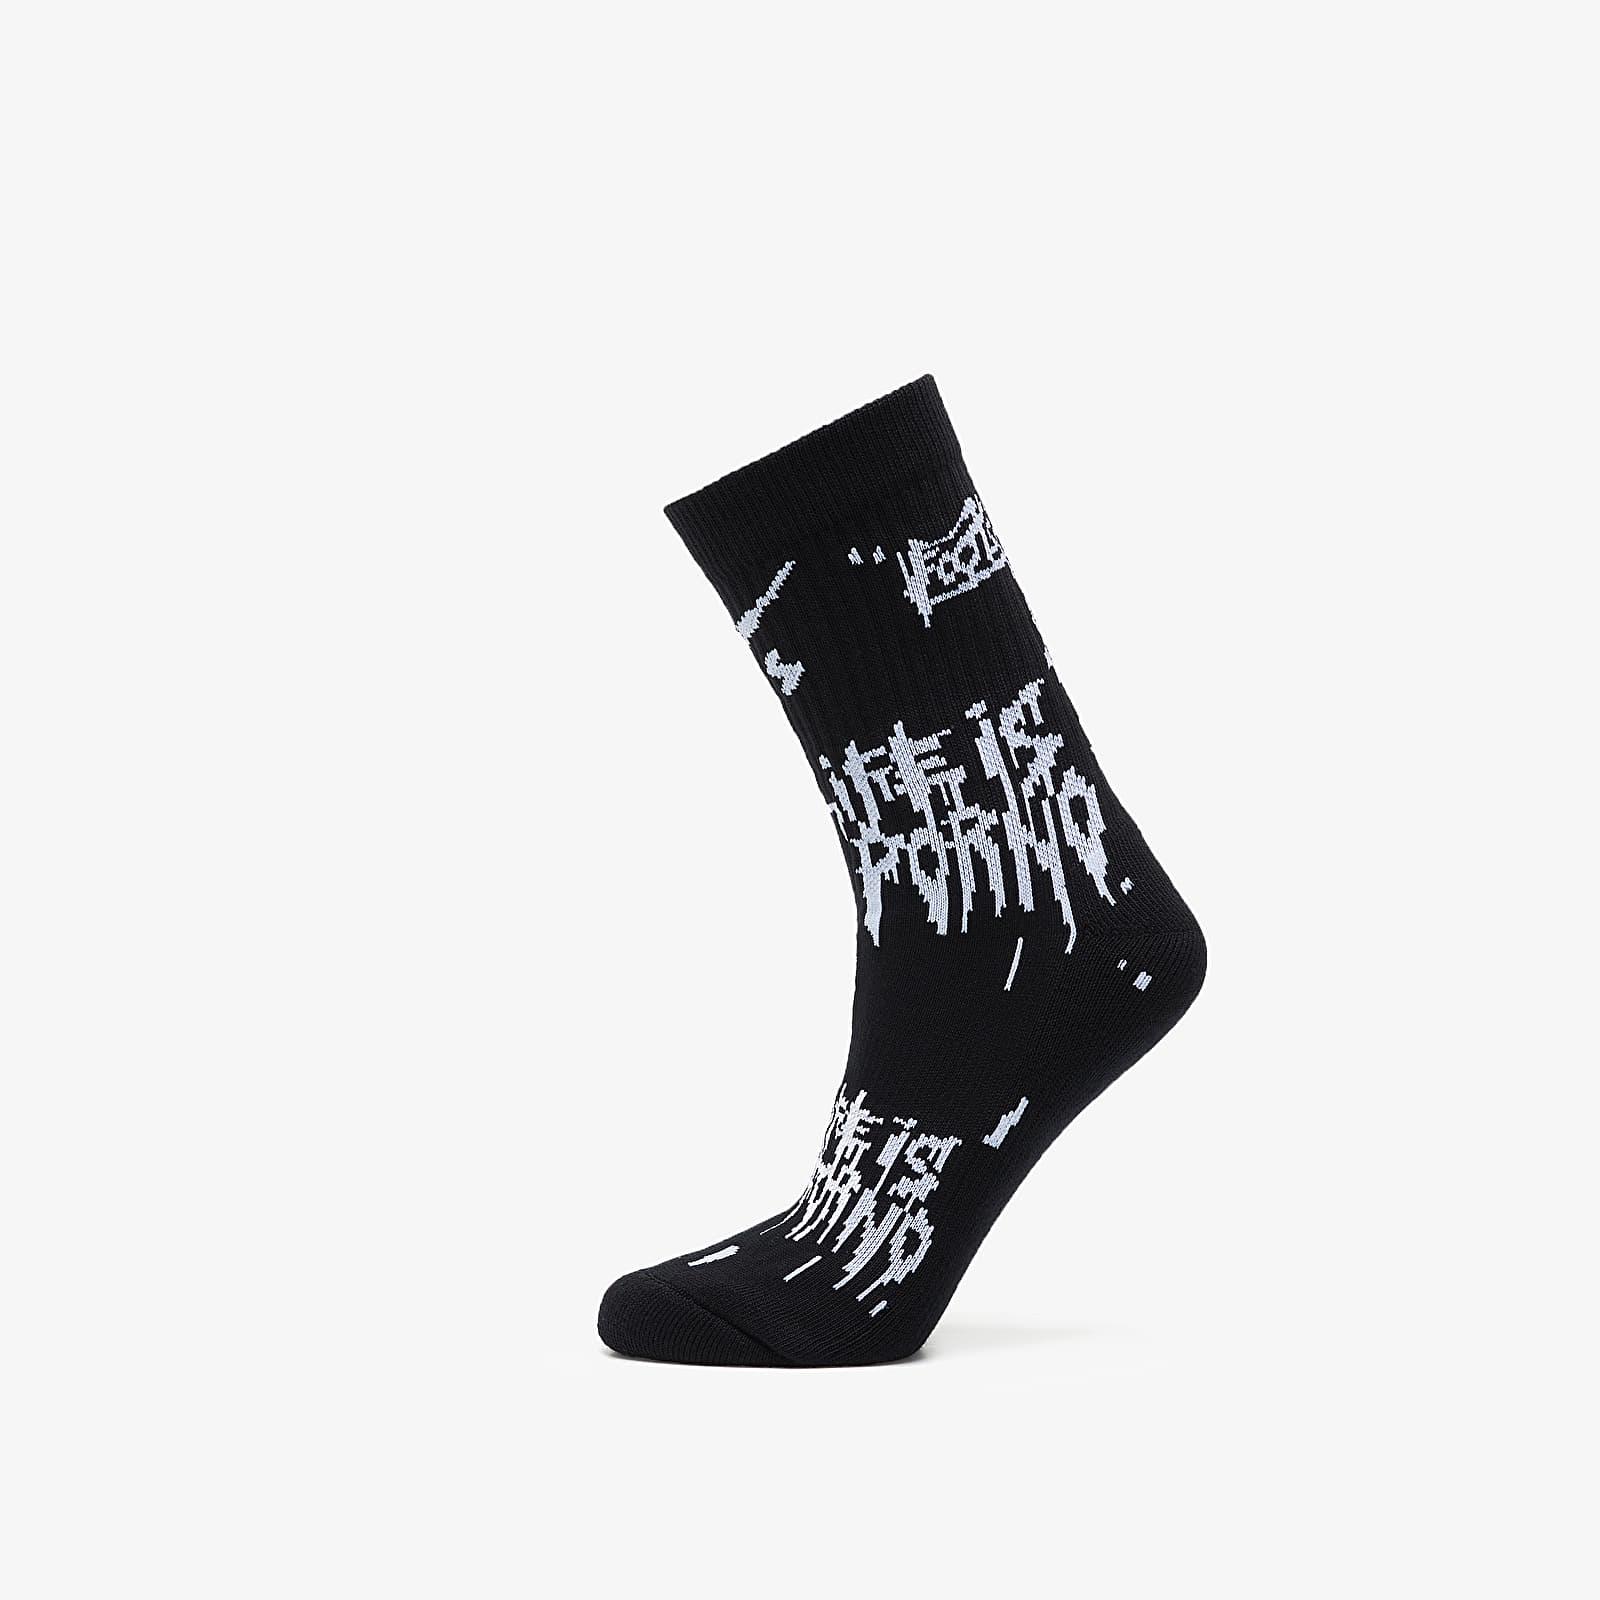 Socken LIFE IS PORNO xxx Footshop Sox Black